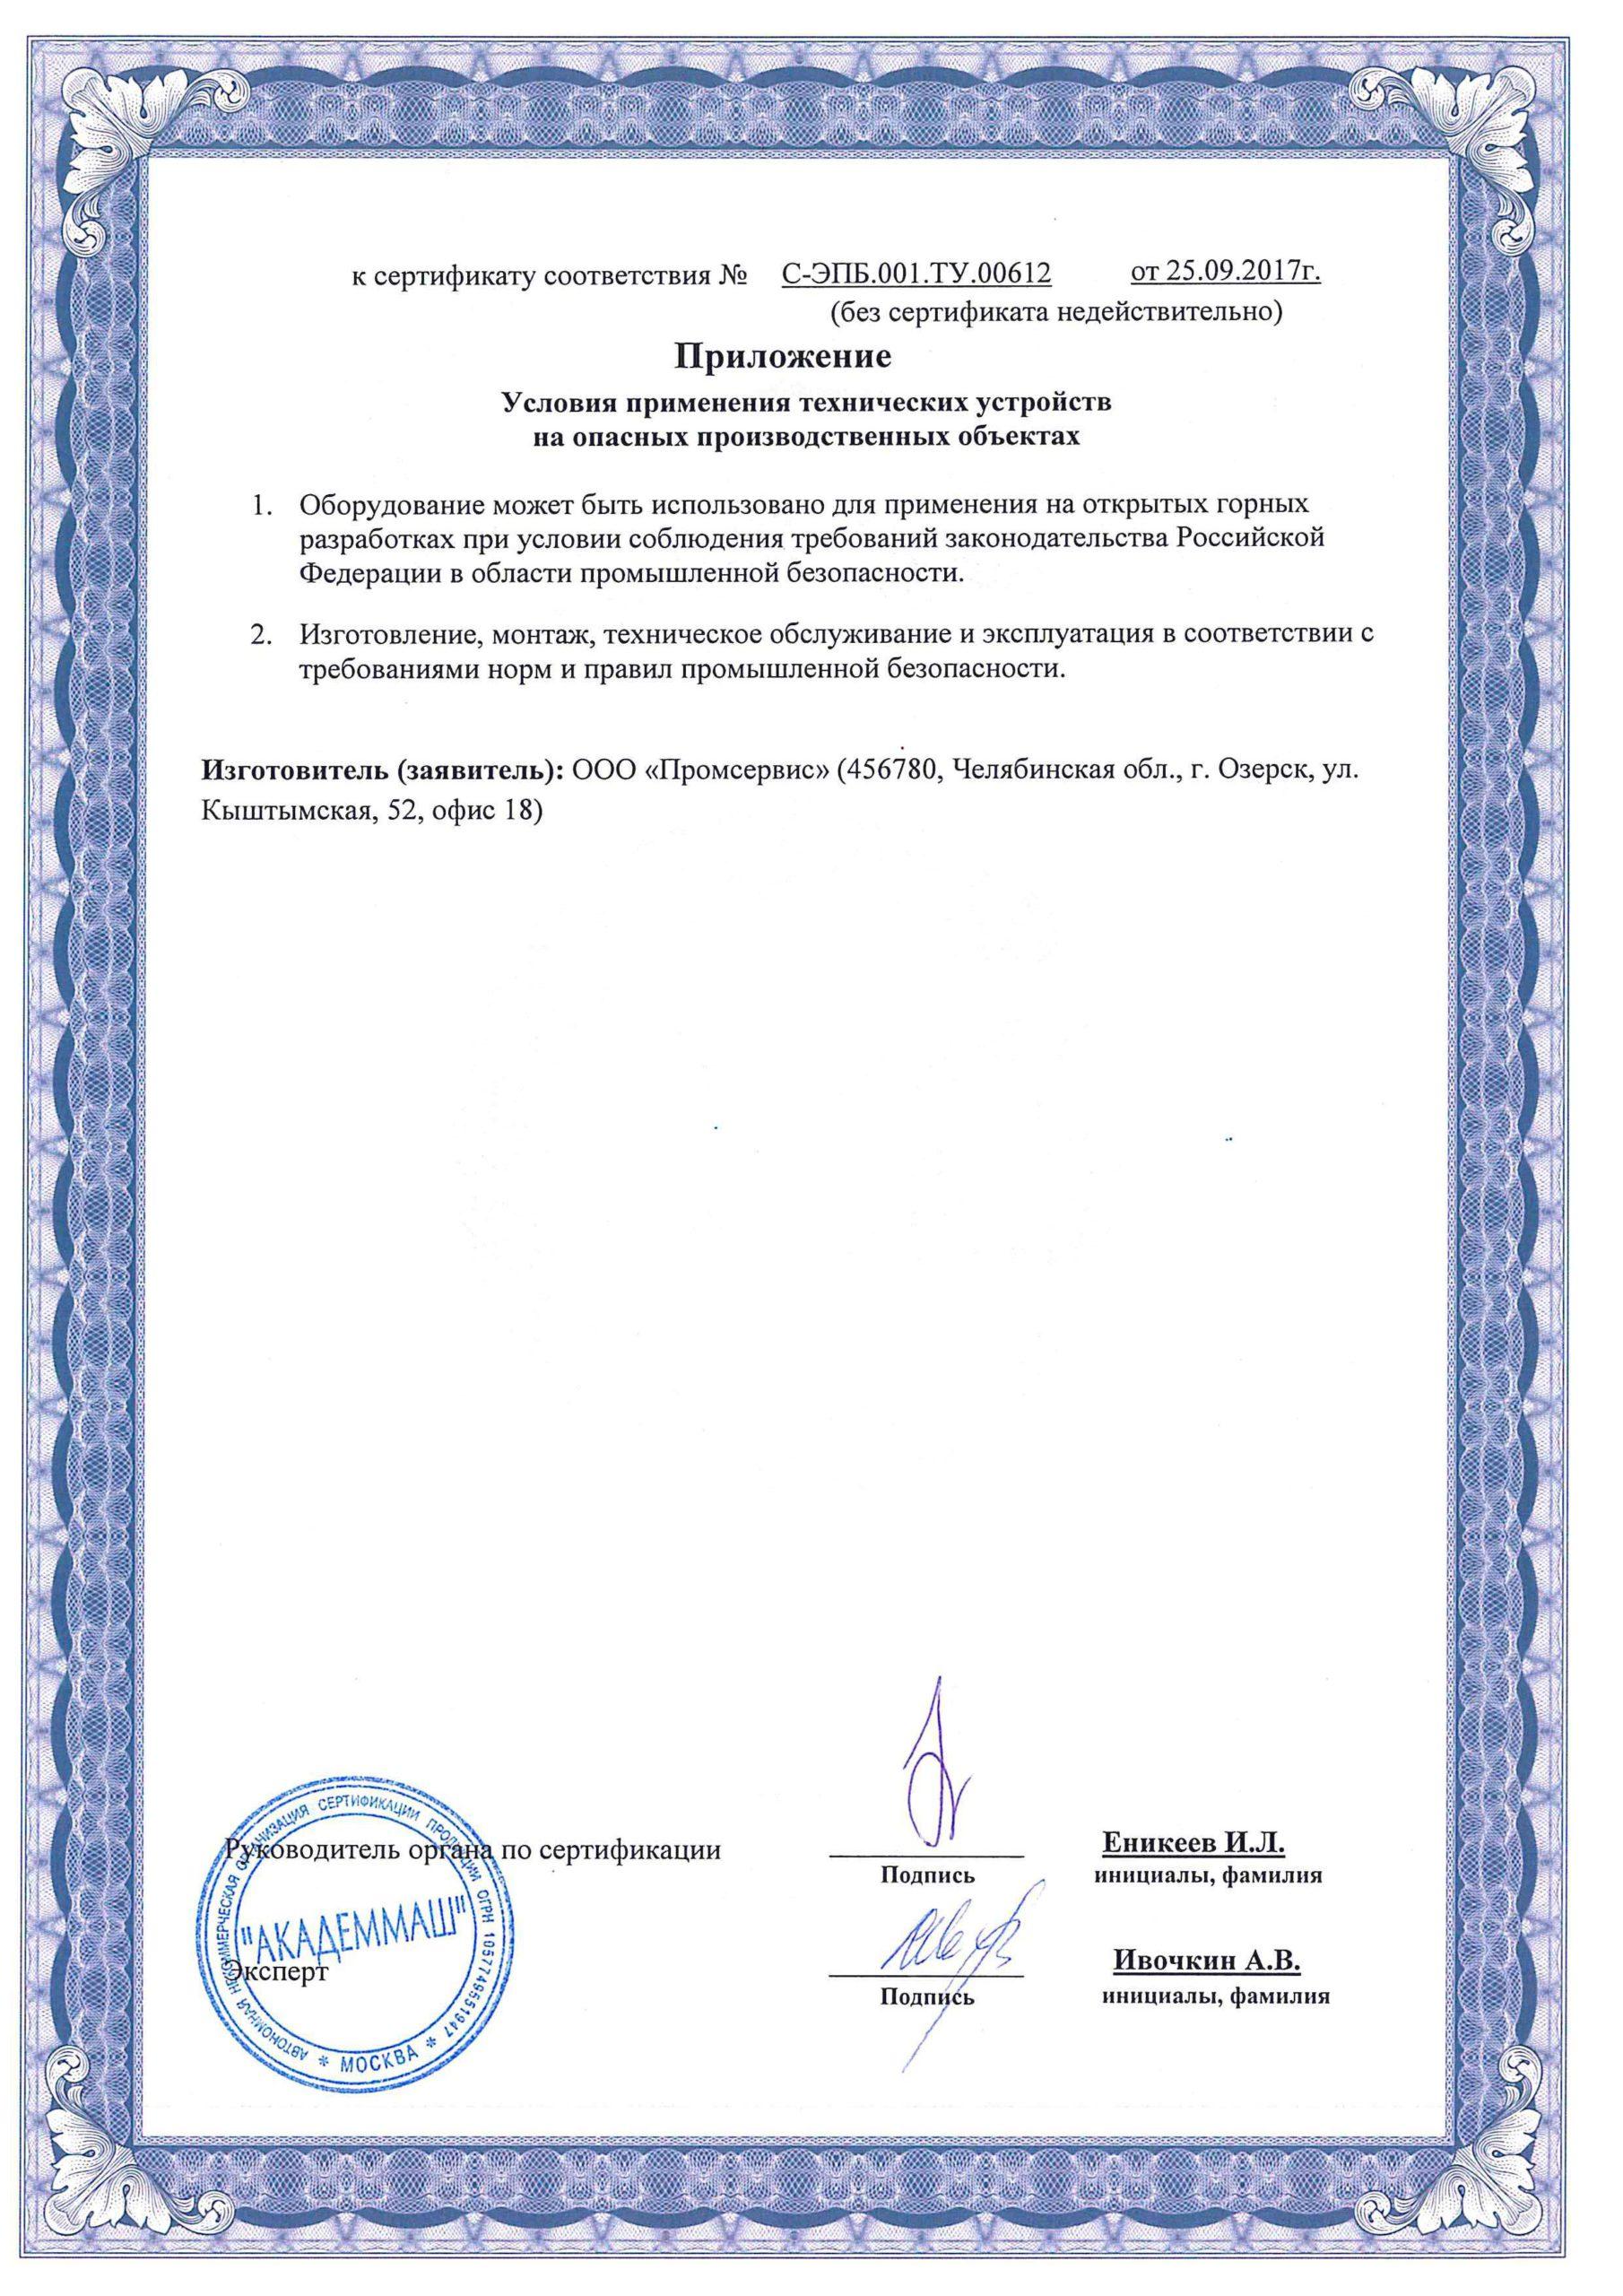 Сертификат промышленной безопасности обратная сторона